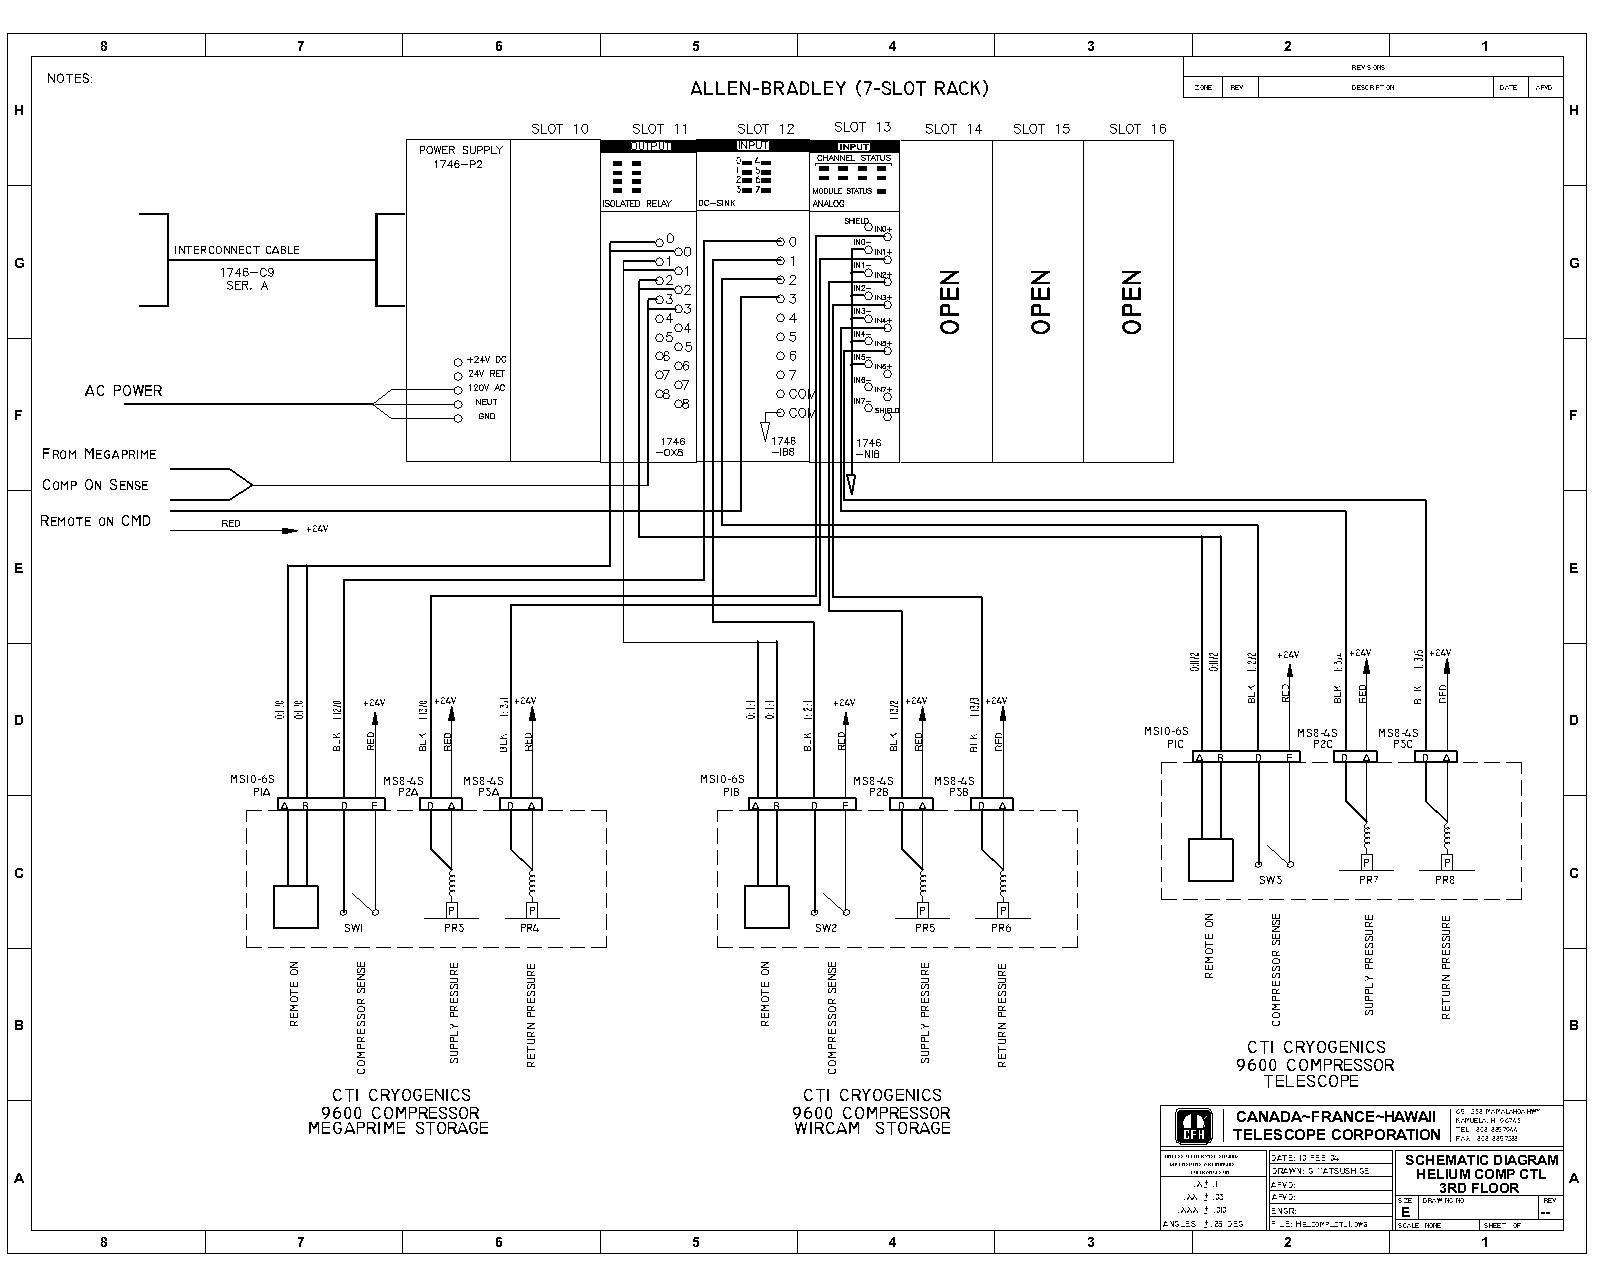 Belajar Wiring Diagram Plc: Mitsubishi plc wiring diagram